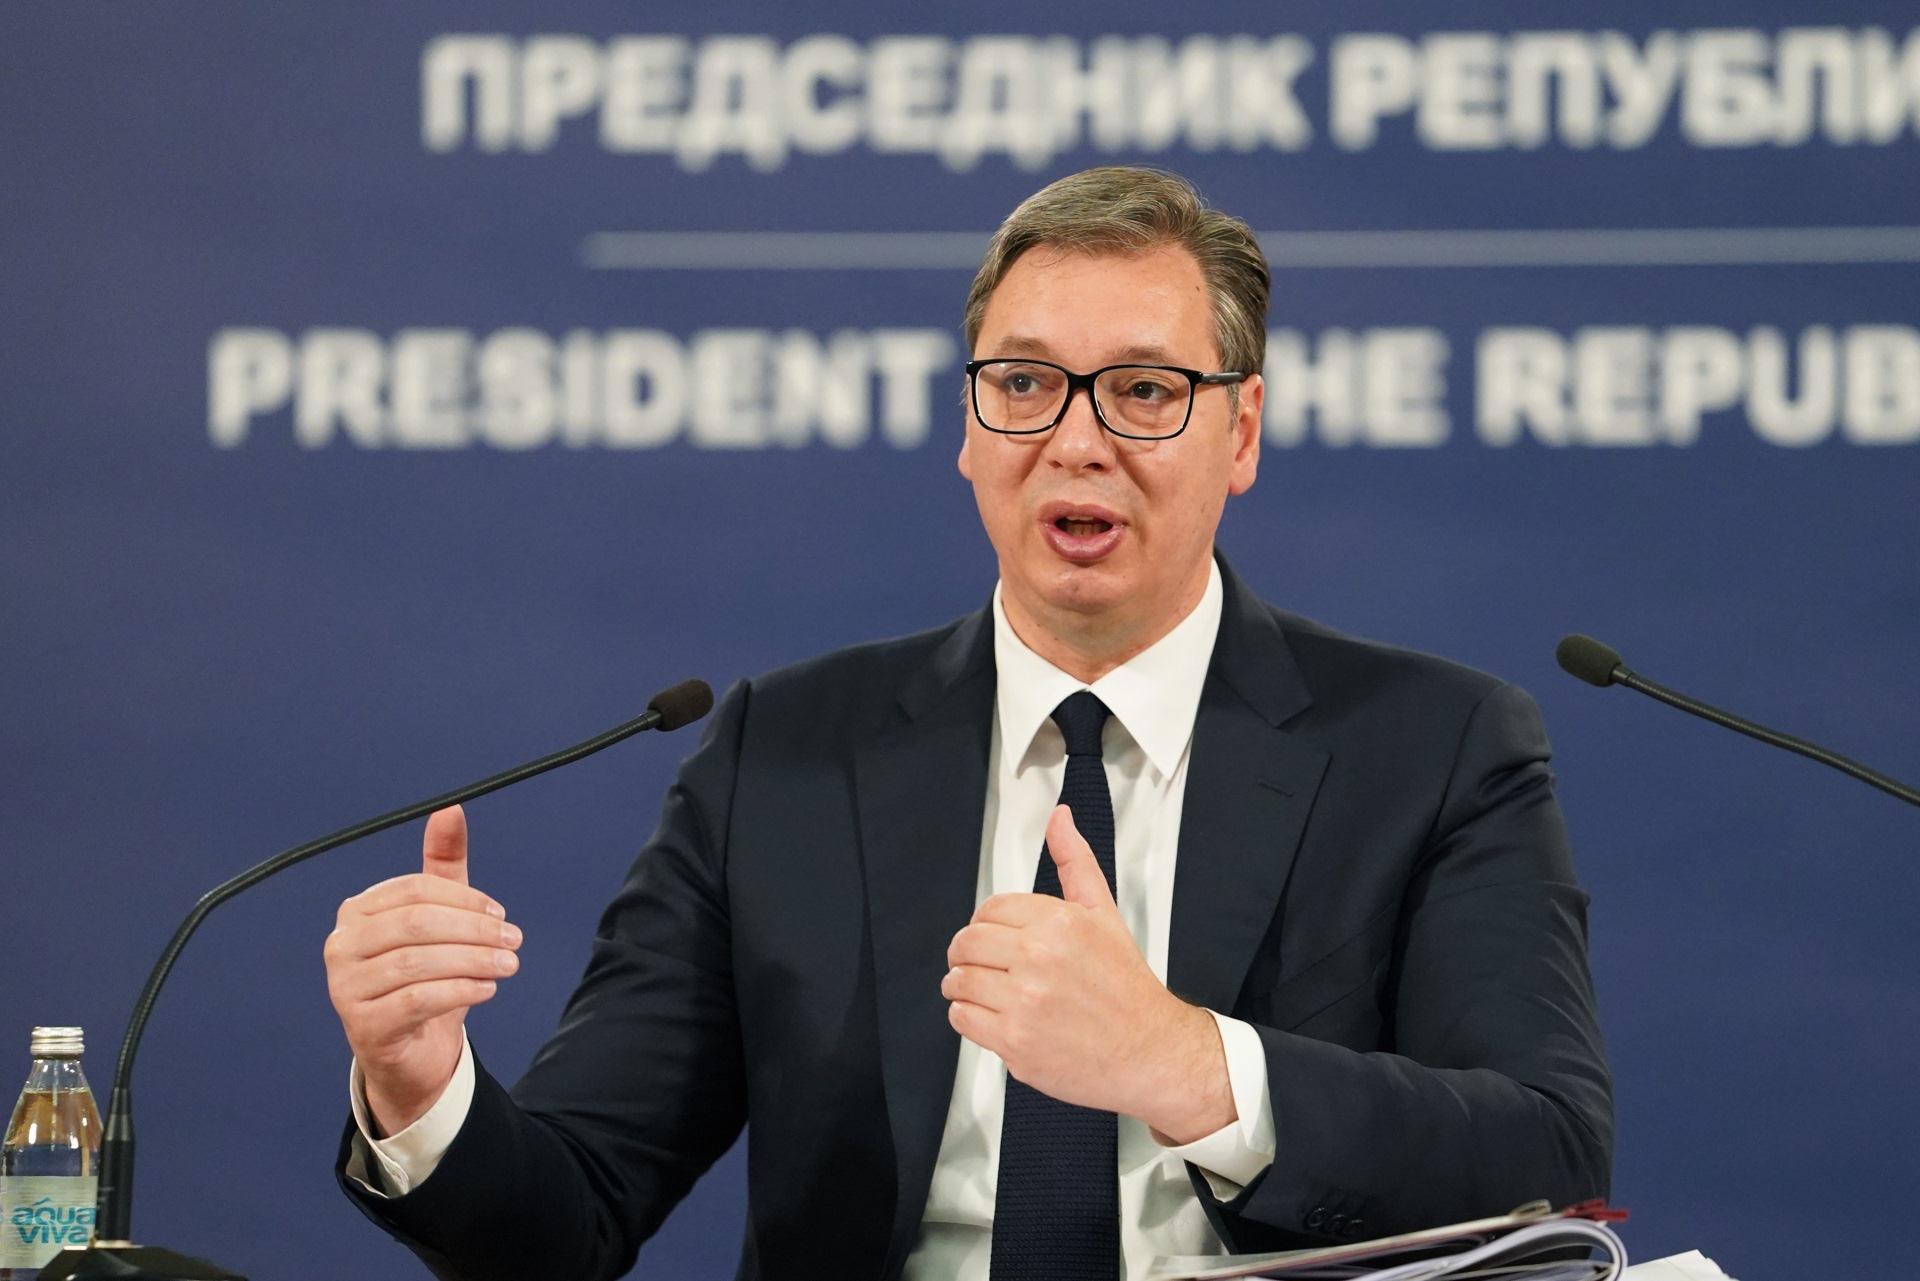 Spremni na razgovor o kompromisnu, nikada o ponizenju Srbije